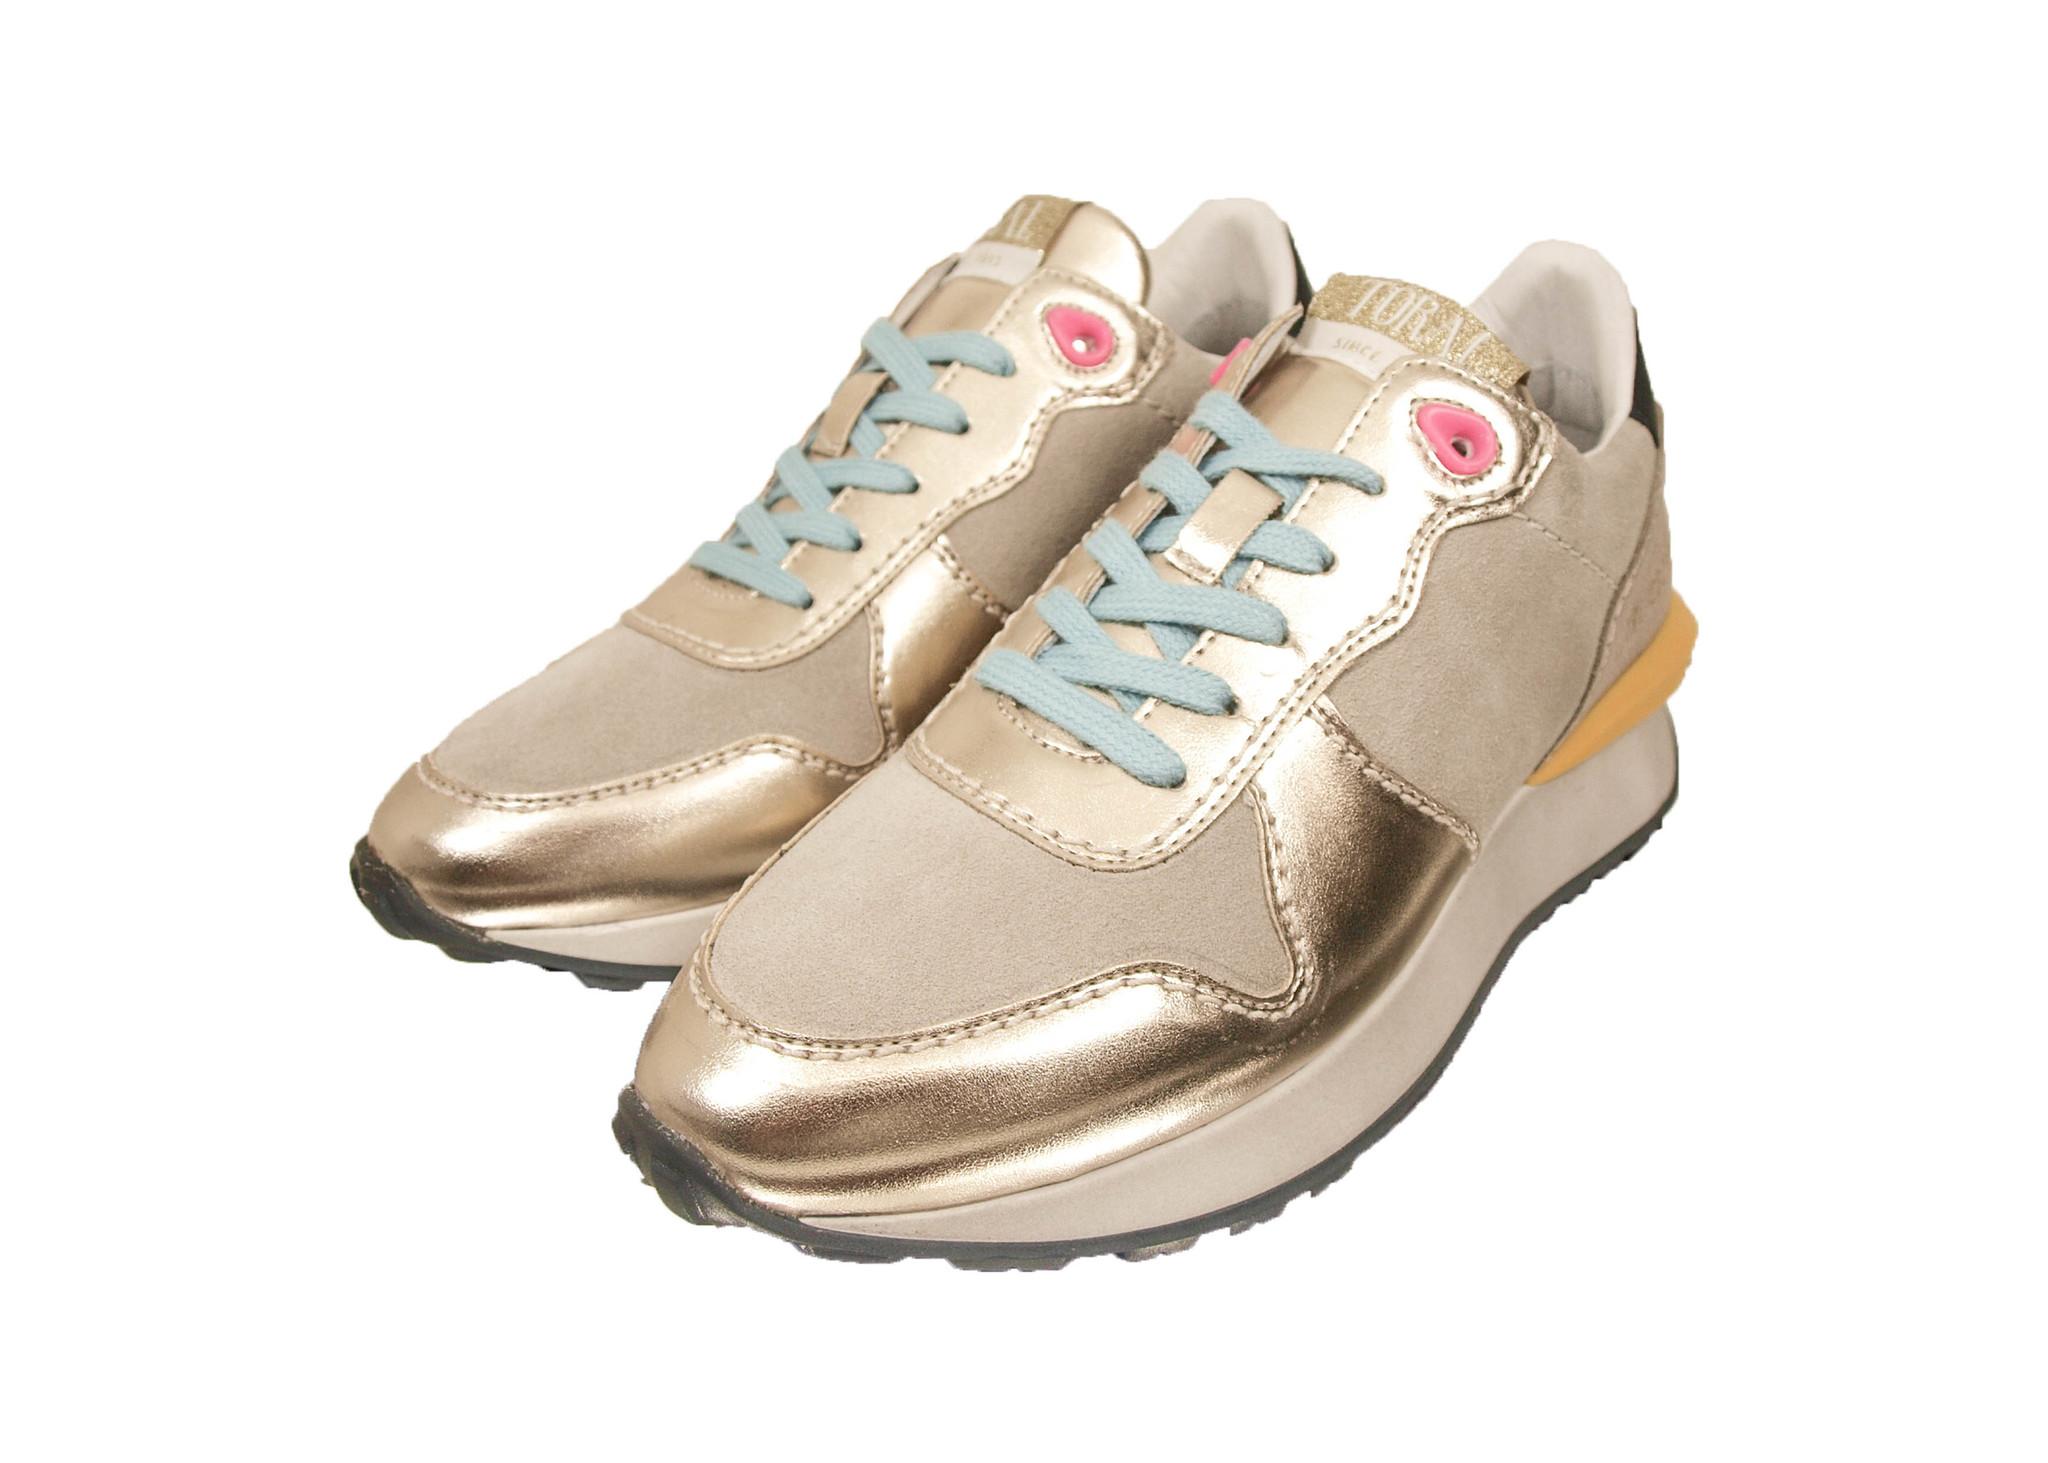 Toral Toral Sneaker TL-12367 Platino/ Beige/ Goud